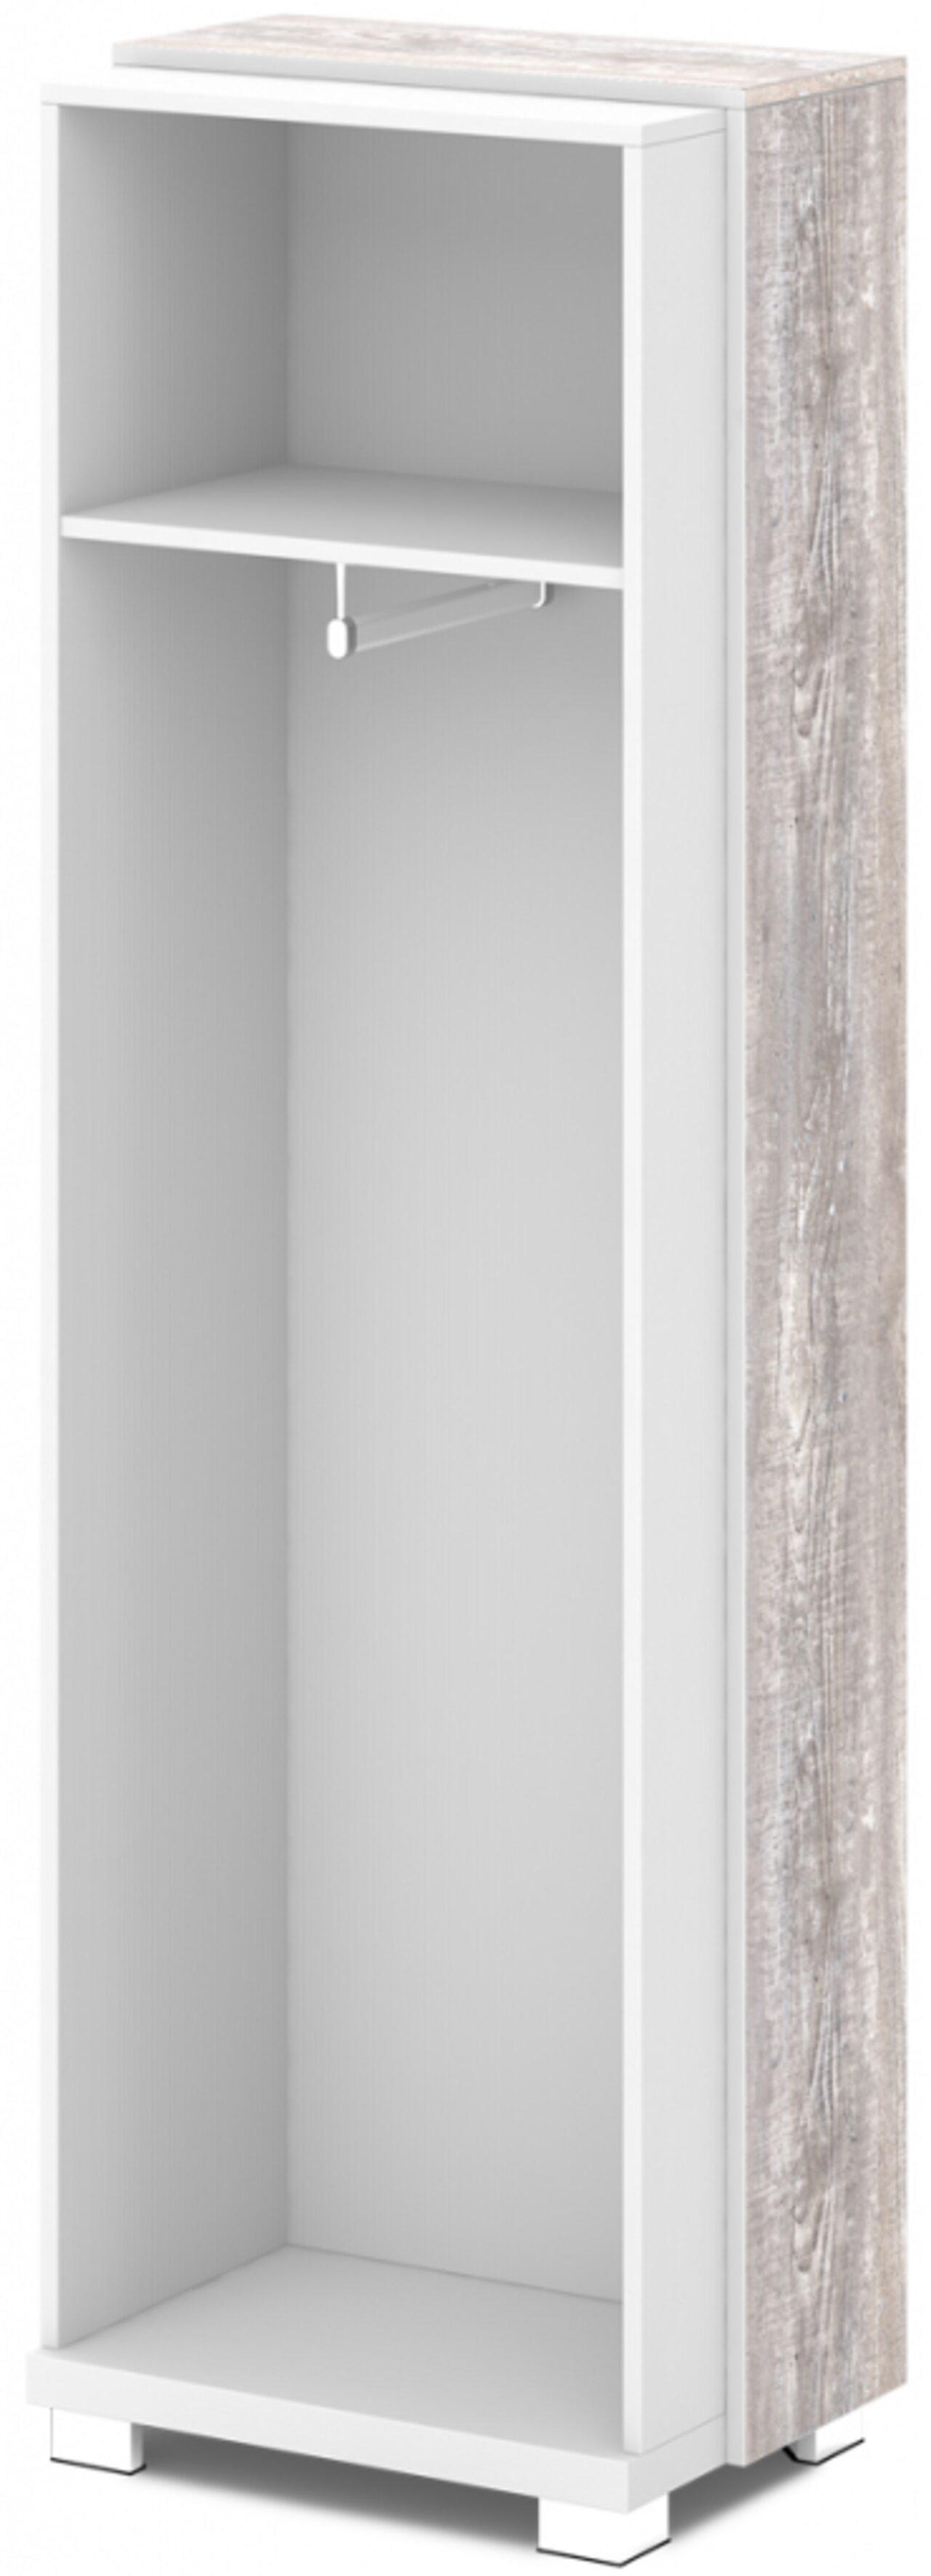 Каркас шкафа для одежды отдельностоящий  GRACE 64x44x205 - фото 1